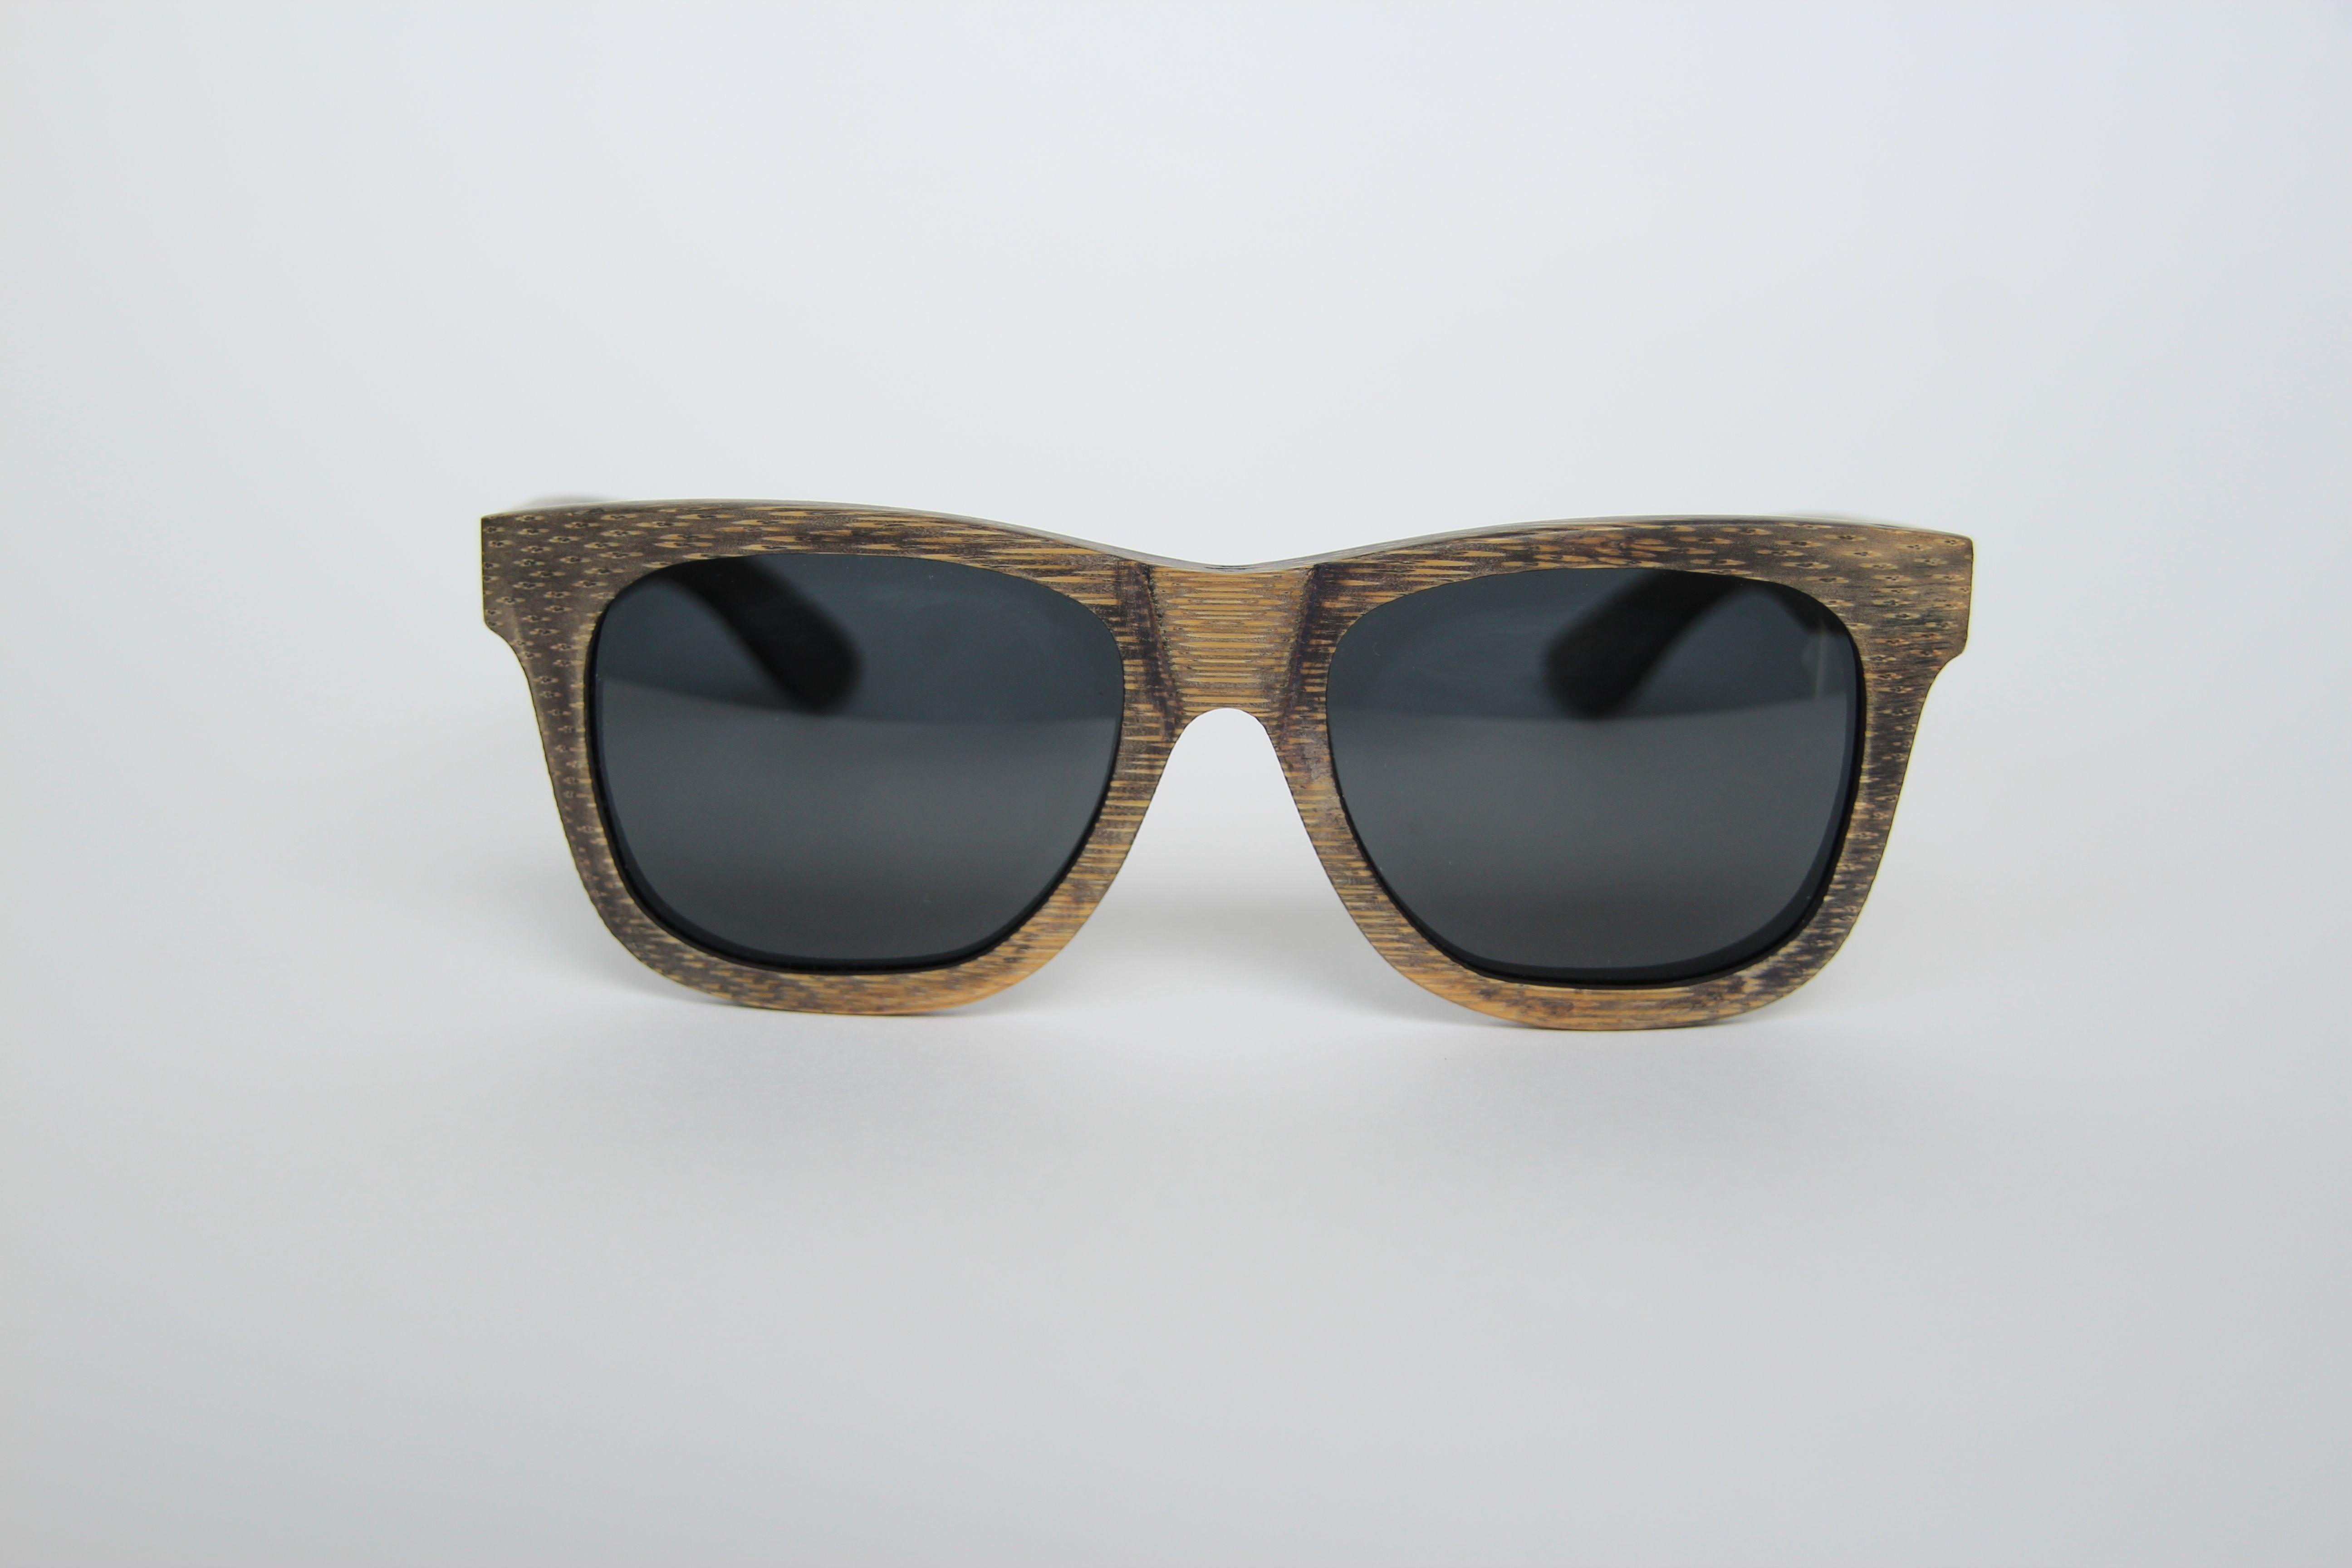 Zonnebril Lichte Glazen : Deze houten zonnebril is gebaseerd op het bekende en tijdloze